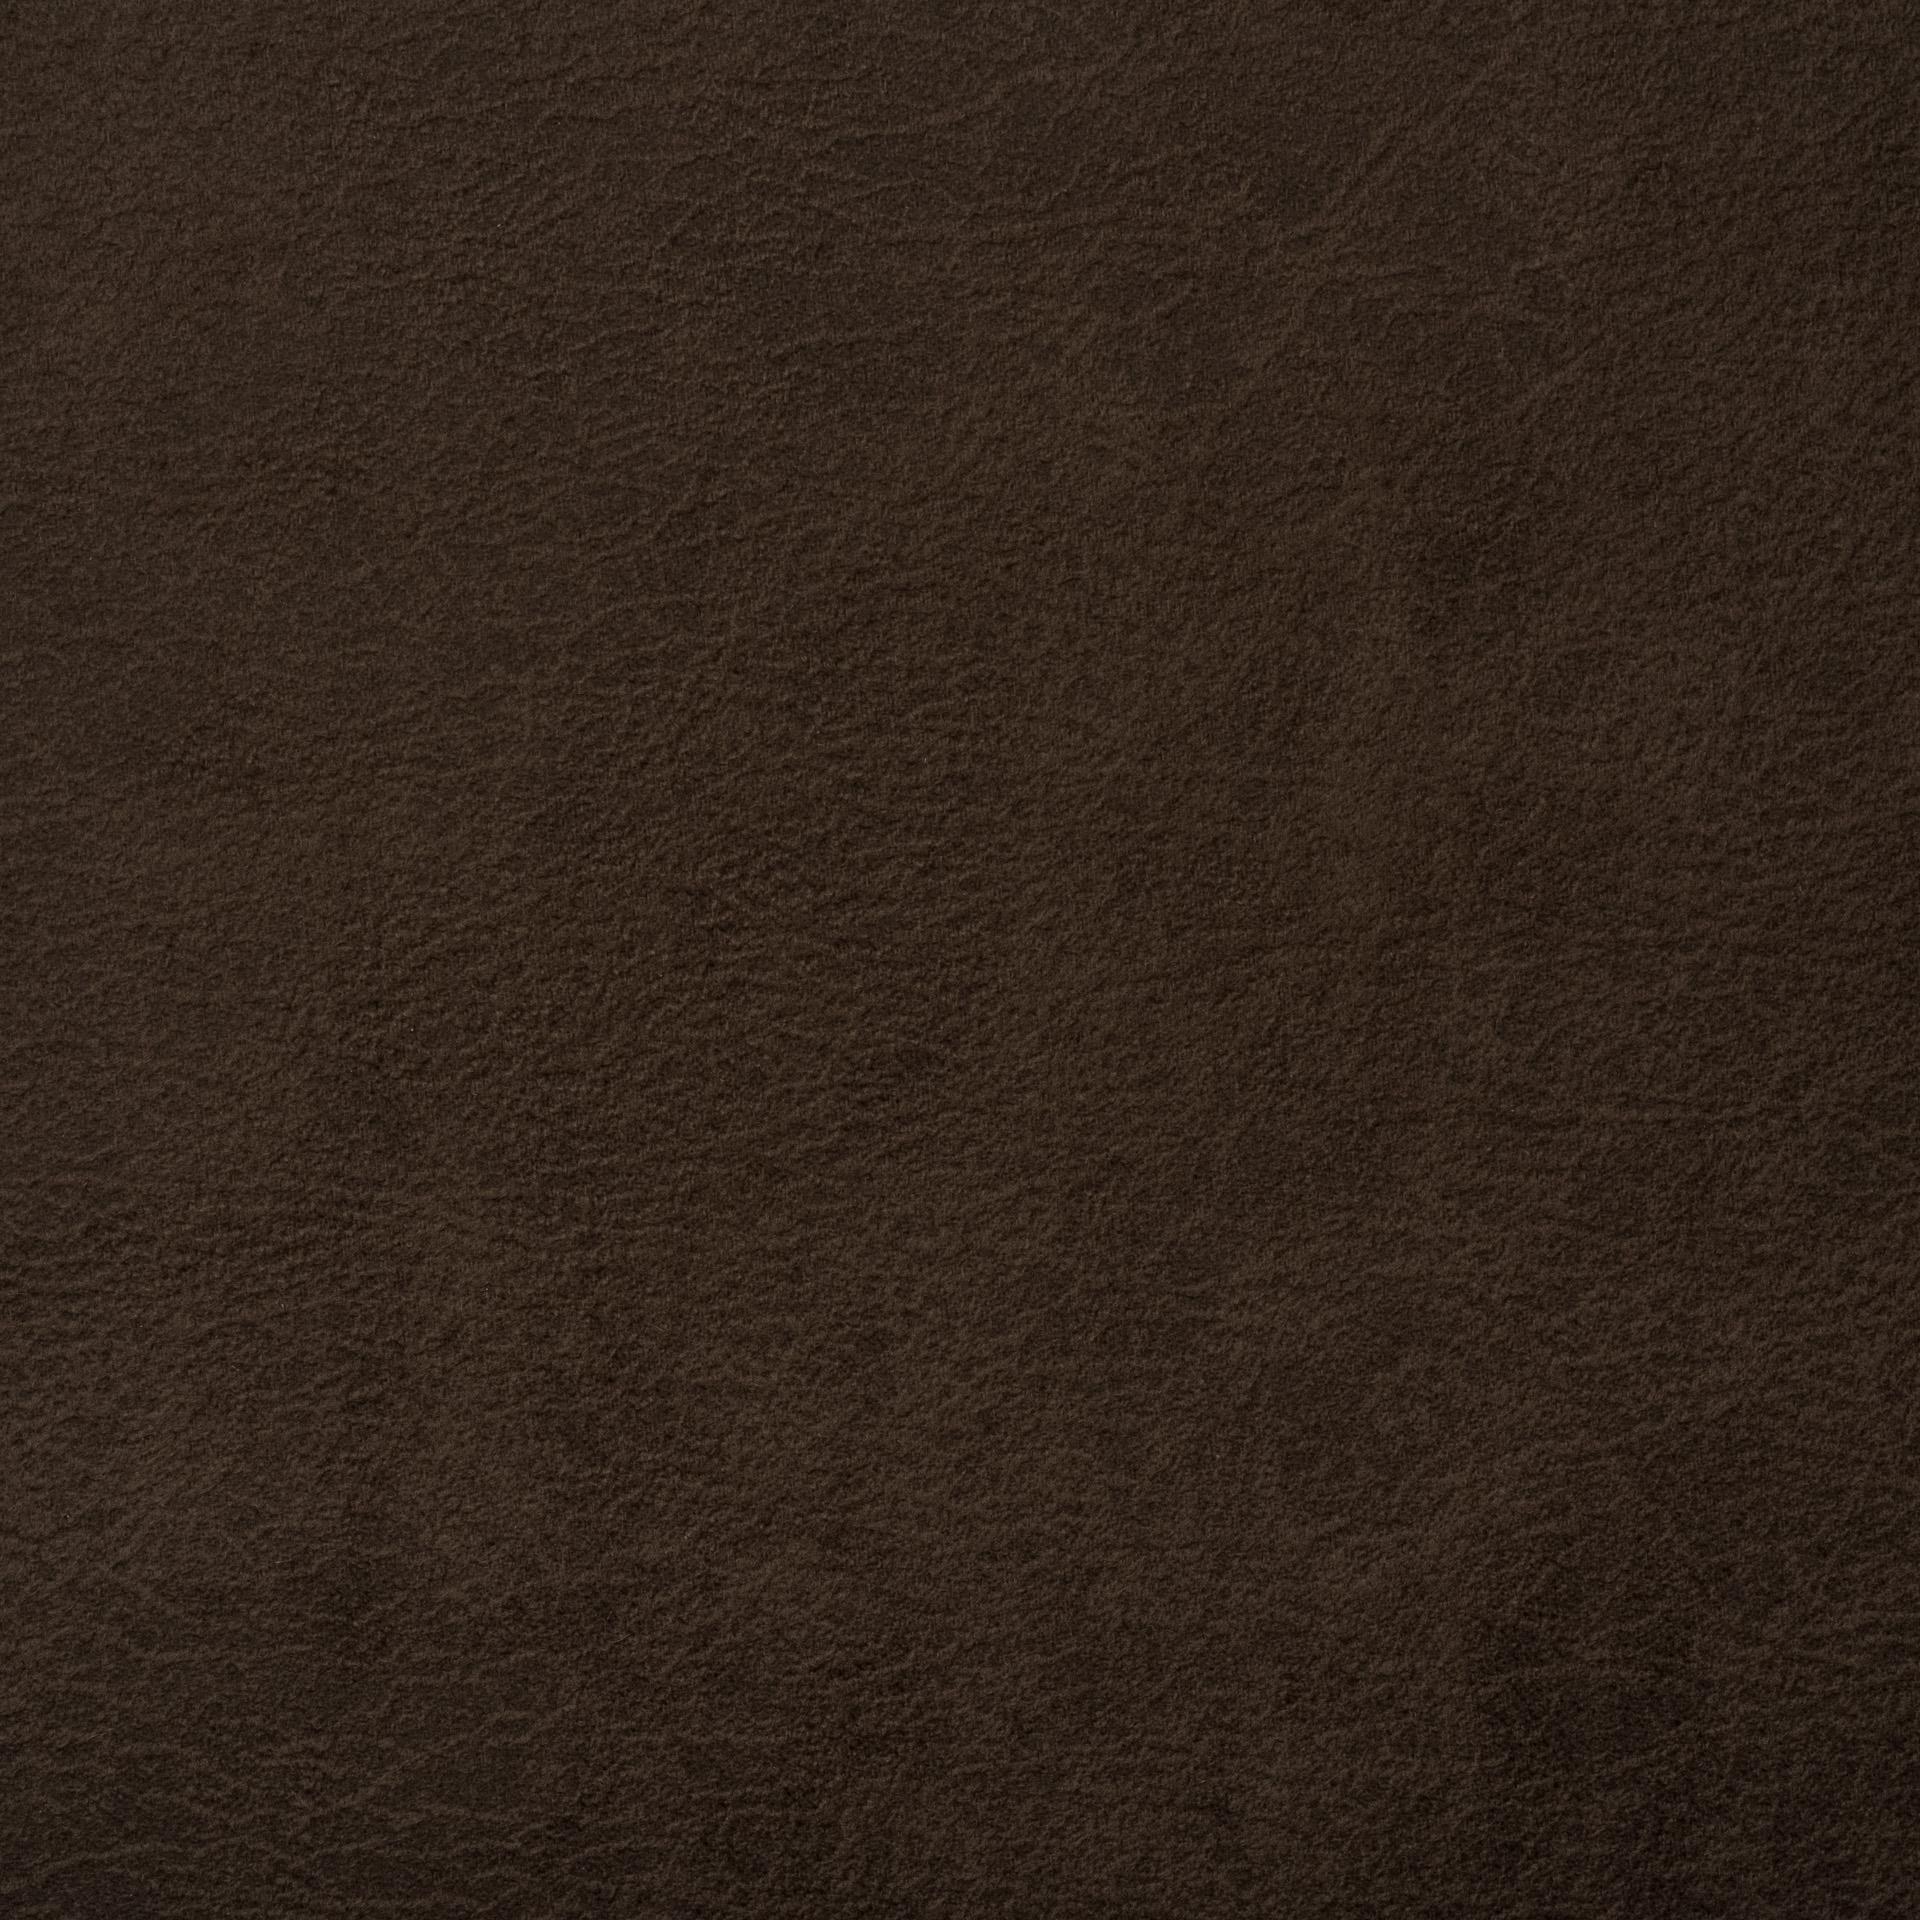 Коллекция ткани Лора 10,  купить ткань Велюр для мебели Украина